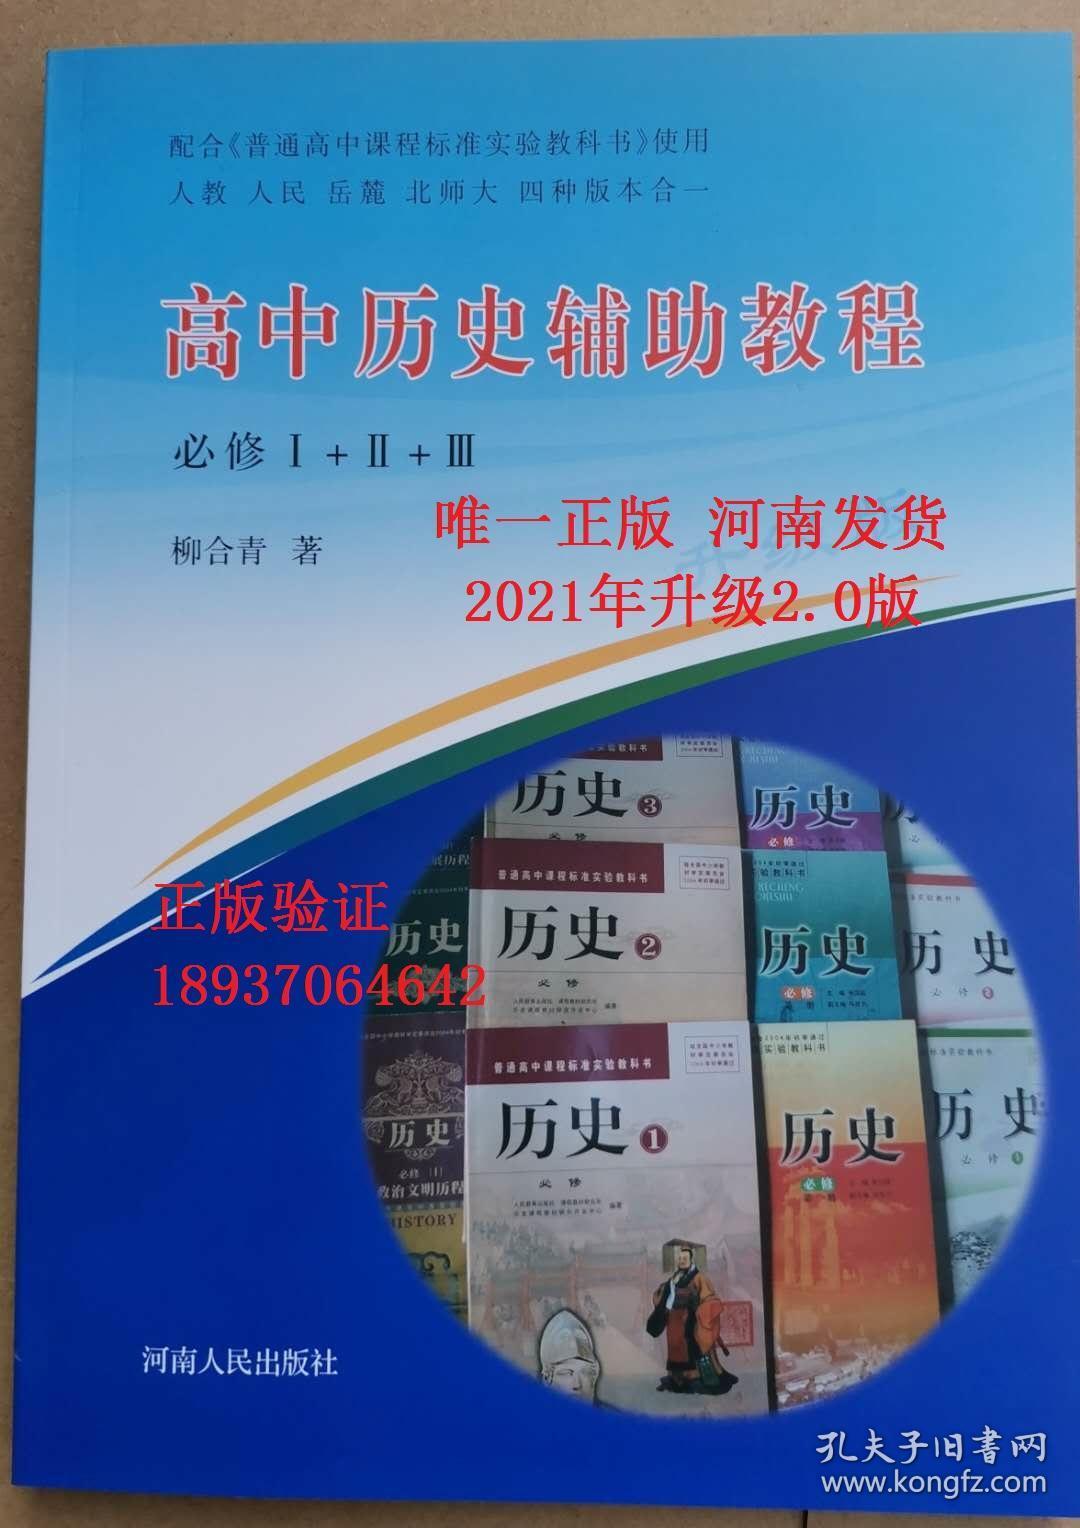 高中历史辅助教程/人教人民岳麓北师大四种版本合一教材/四种课本有机整合成的新教程